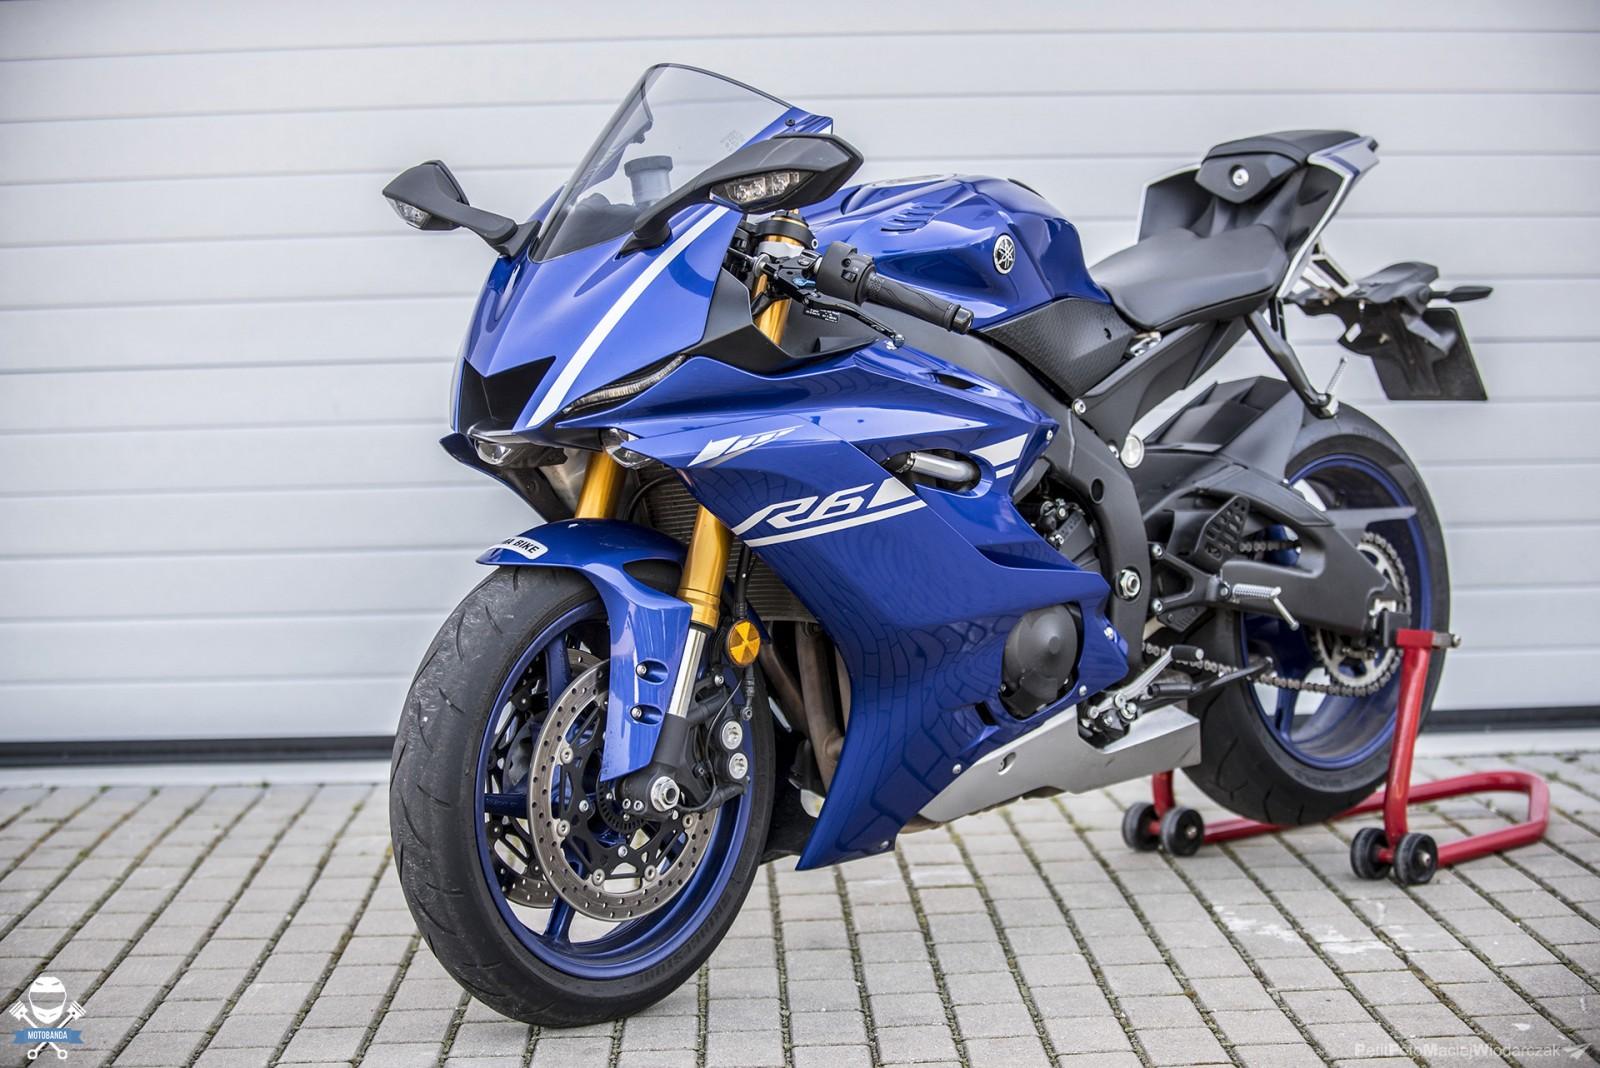 Yamaha Zn